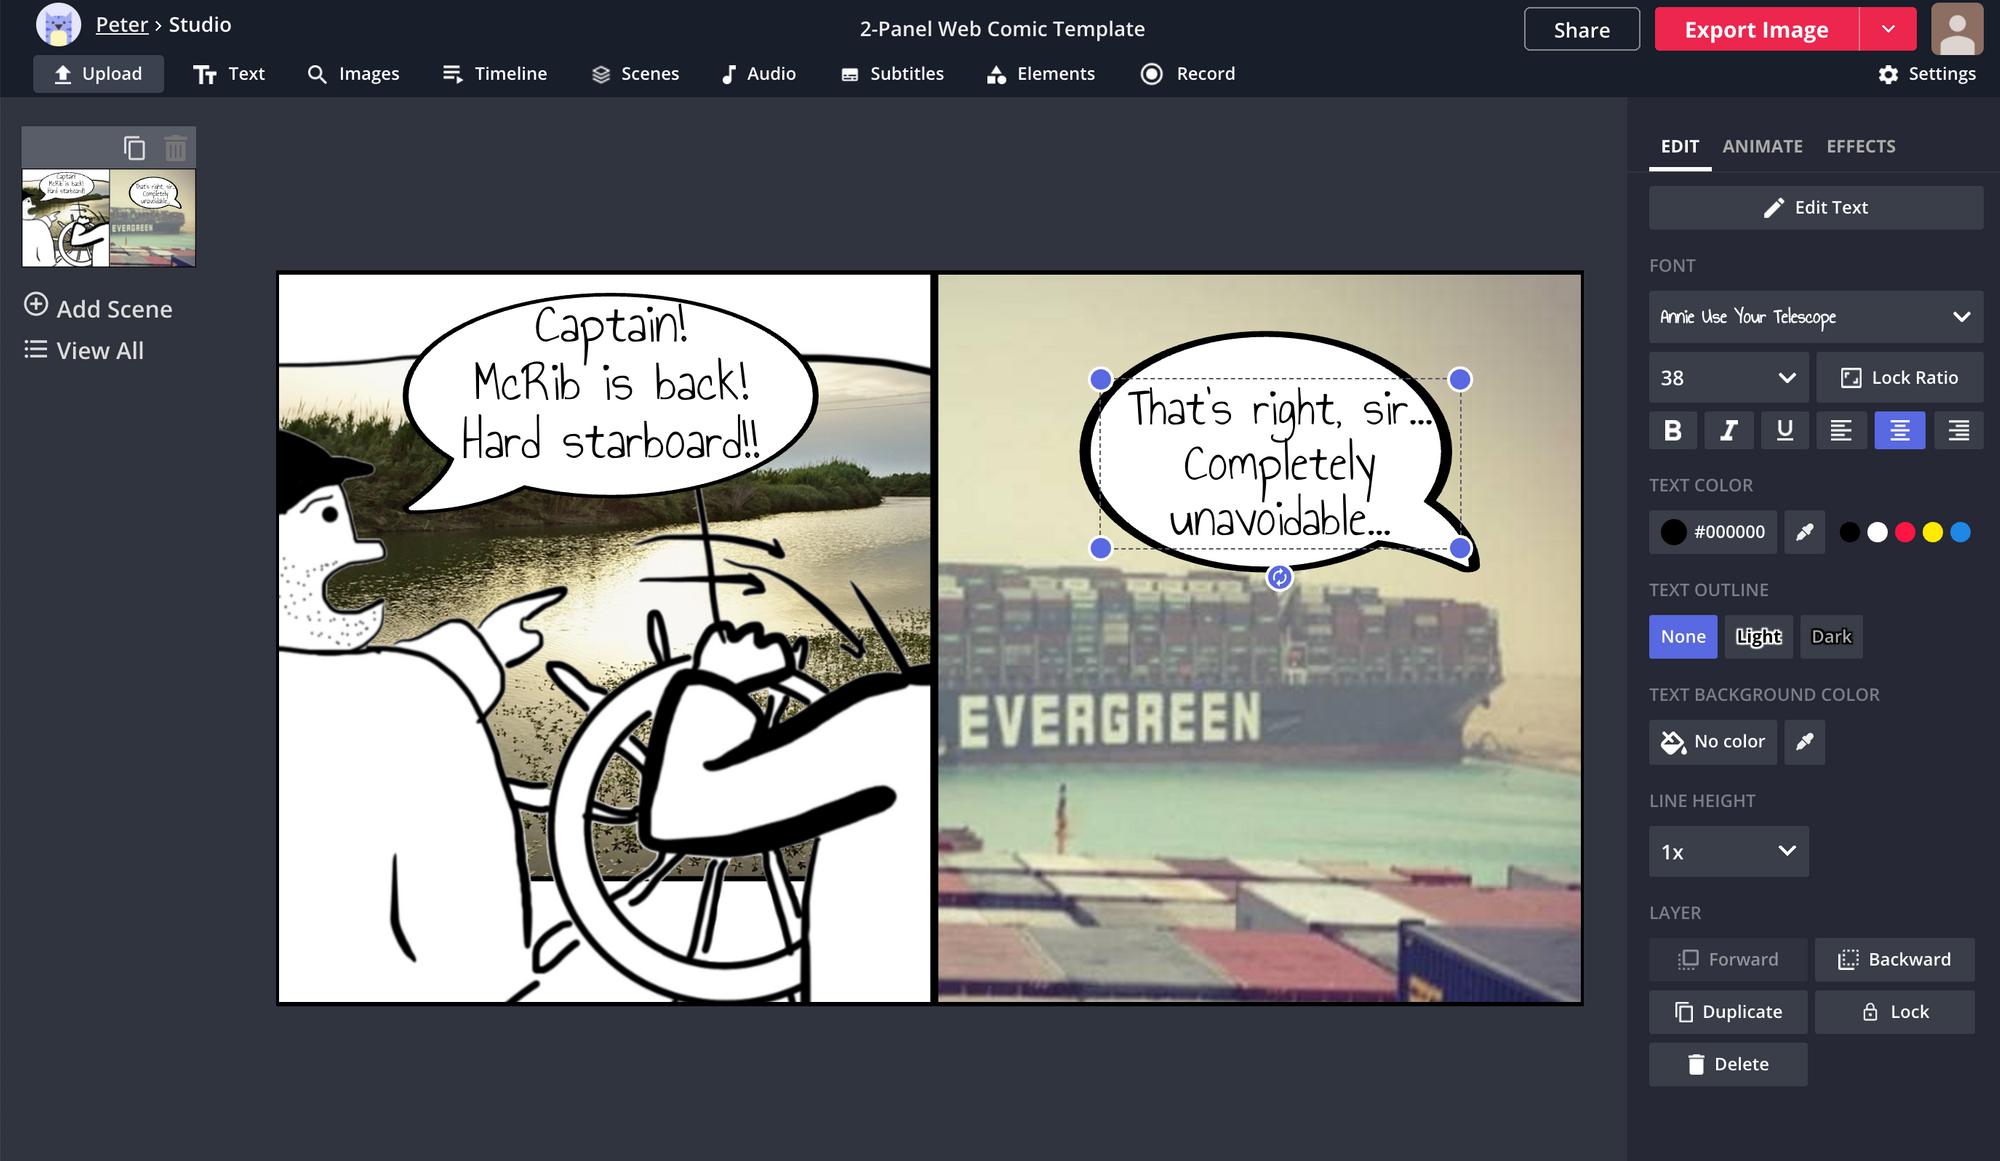 Ein Screenshot zeigt, wie Sie einem Comic-Strip im Kapwing Studio Text hinzufügen und bearbeiten.